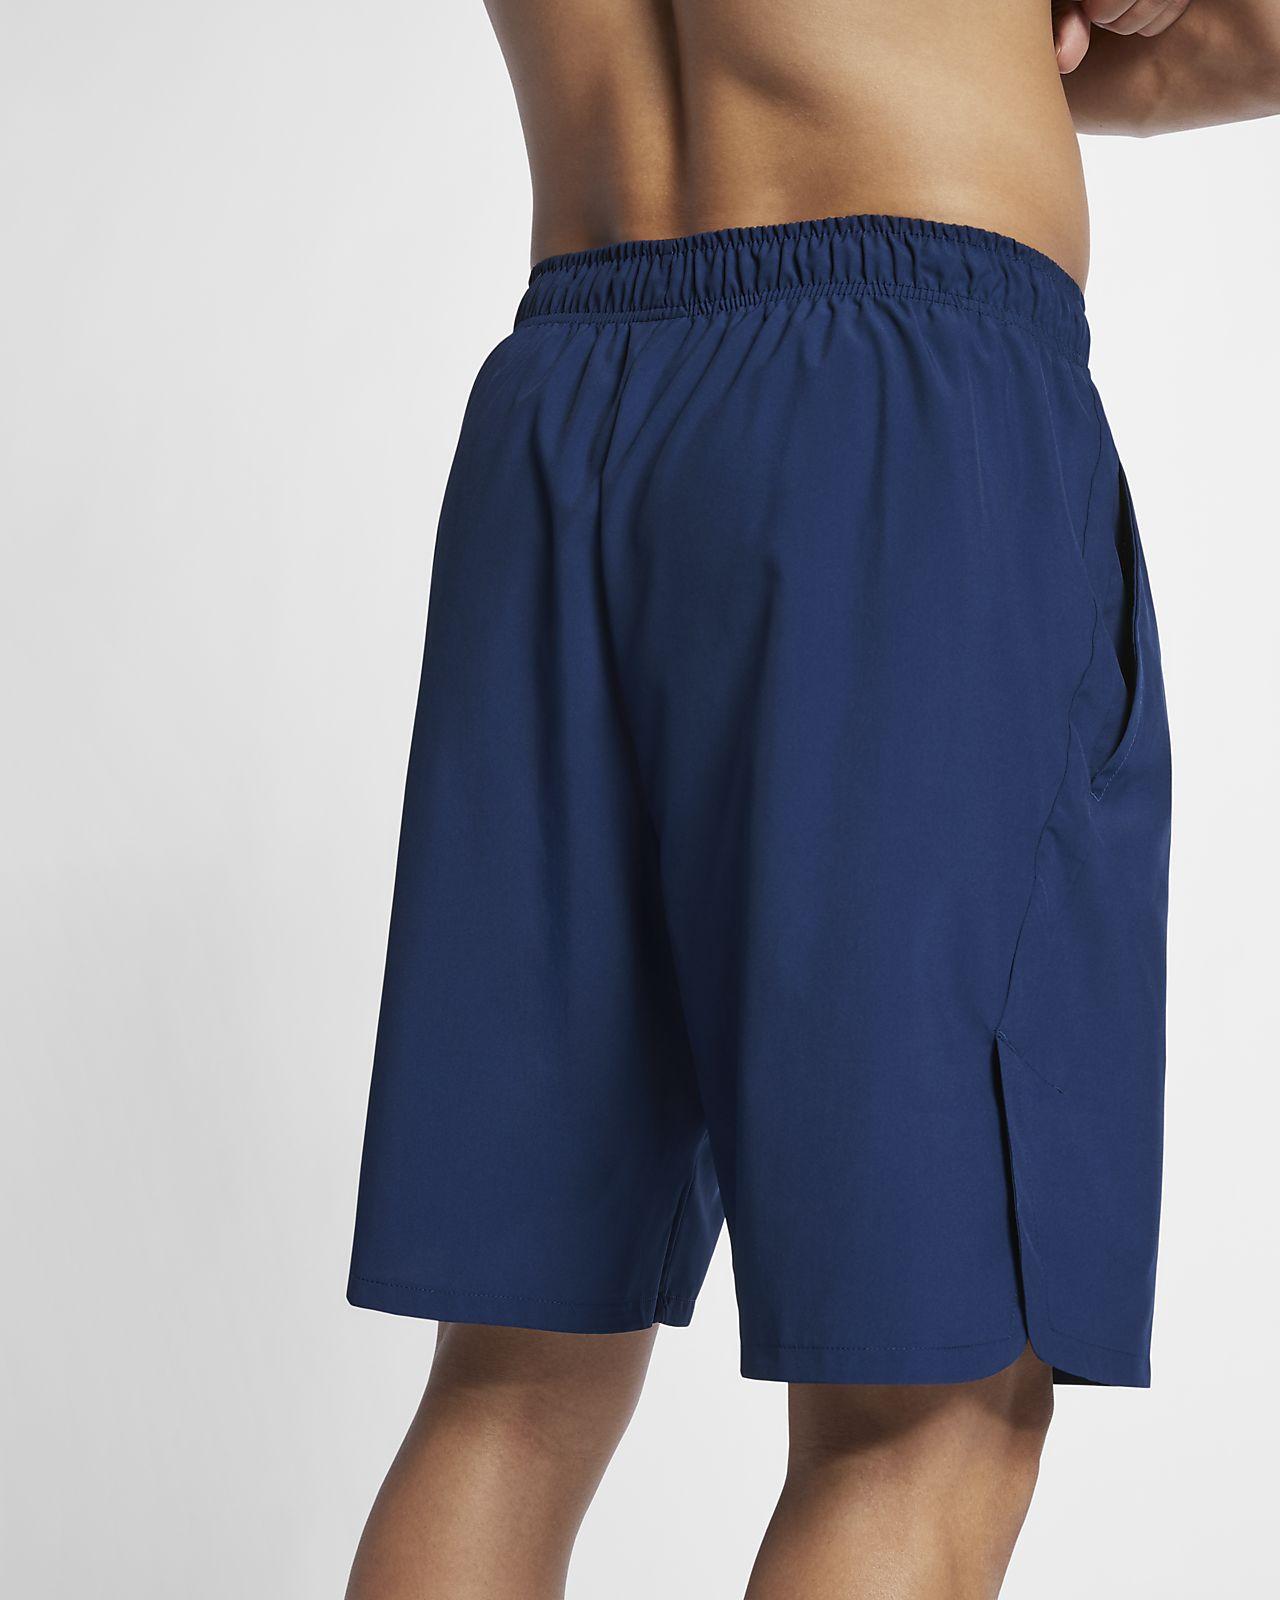 9f79e674dca Nike Flex Men s Woven Training Shorts. Nike.com AU